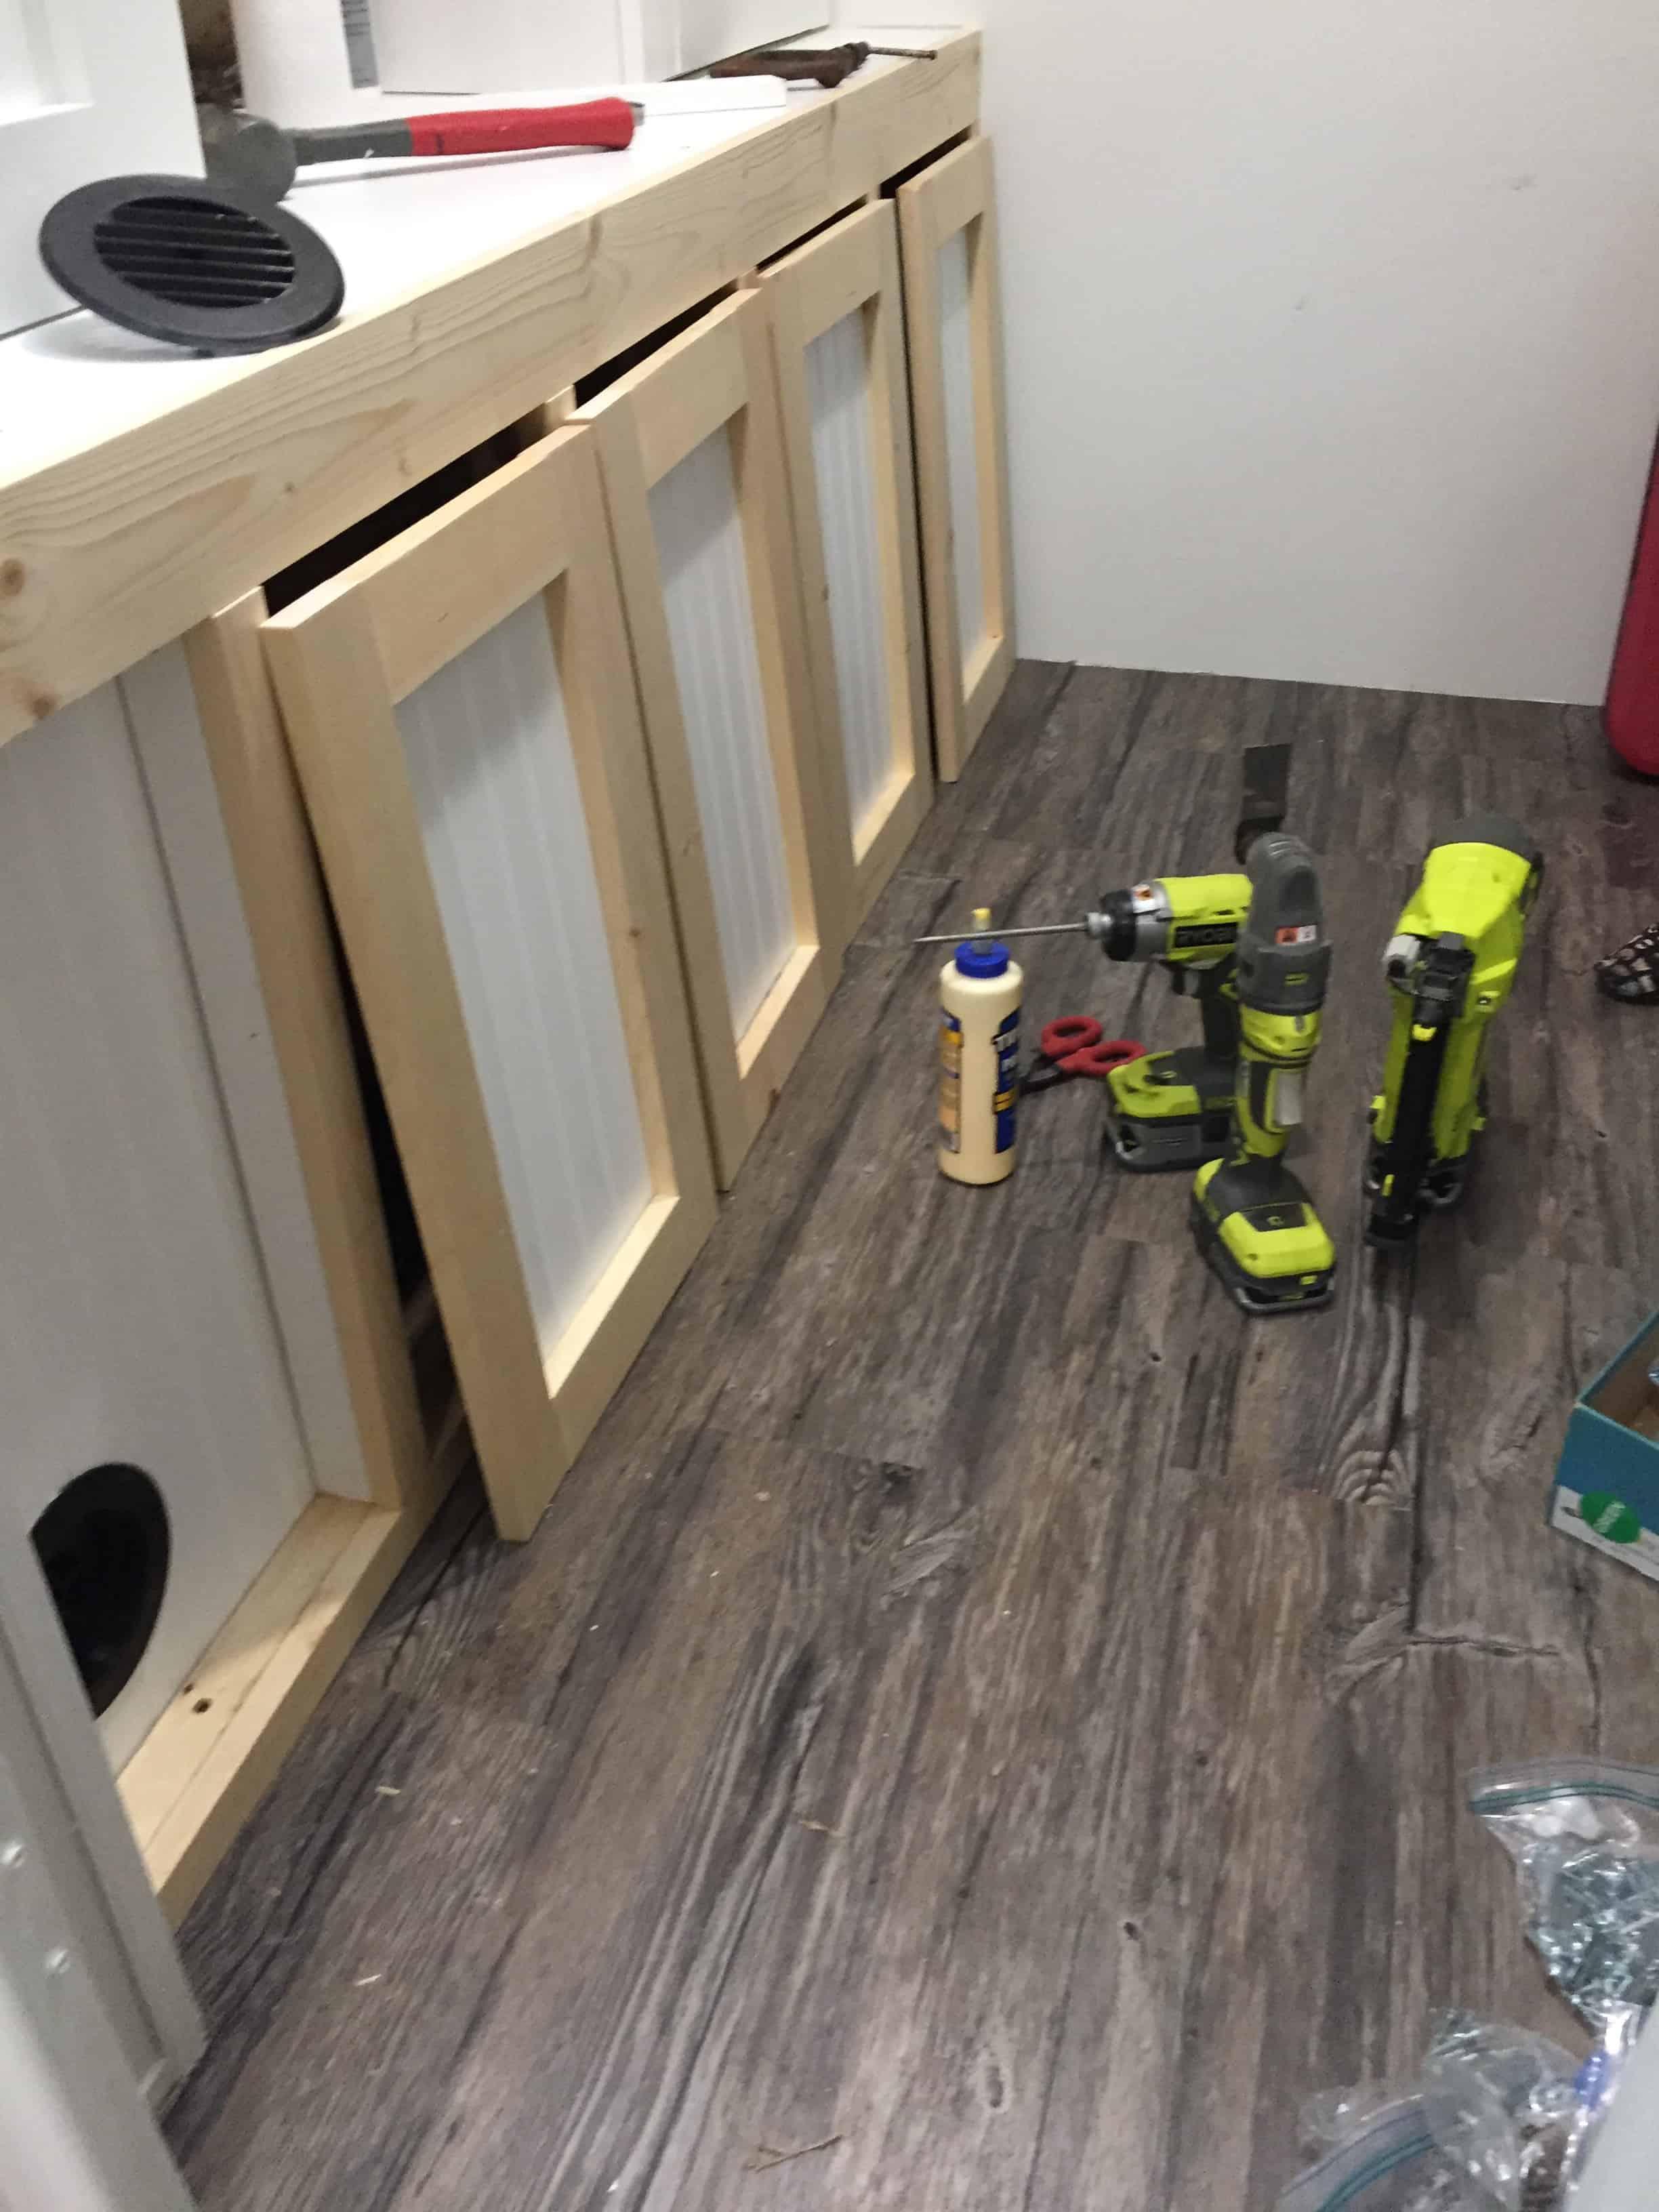 Saved by Scottie rv remodel storage cabinet build layout